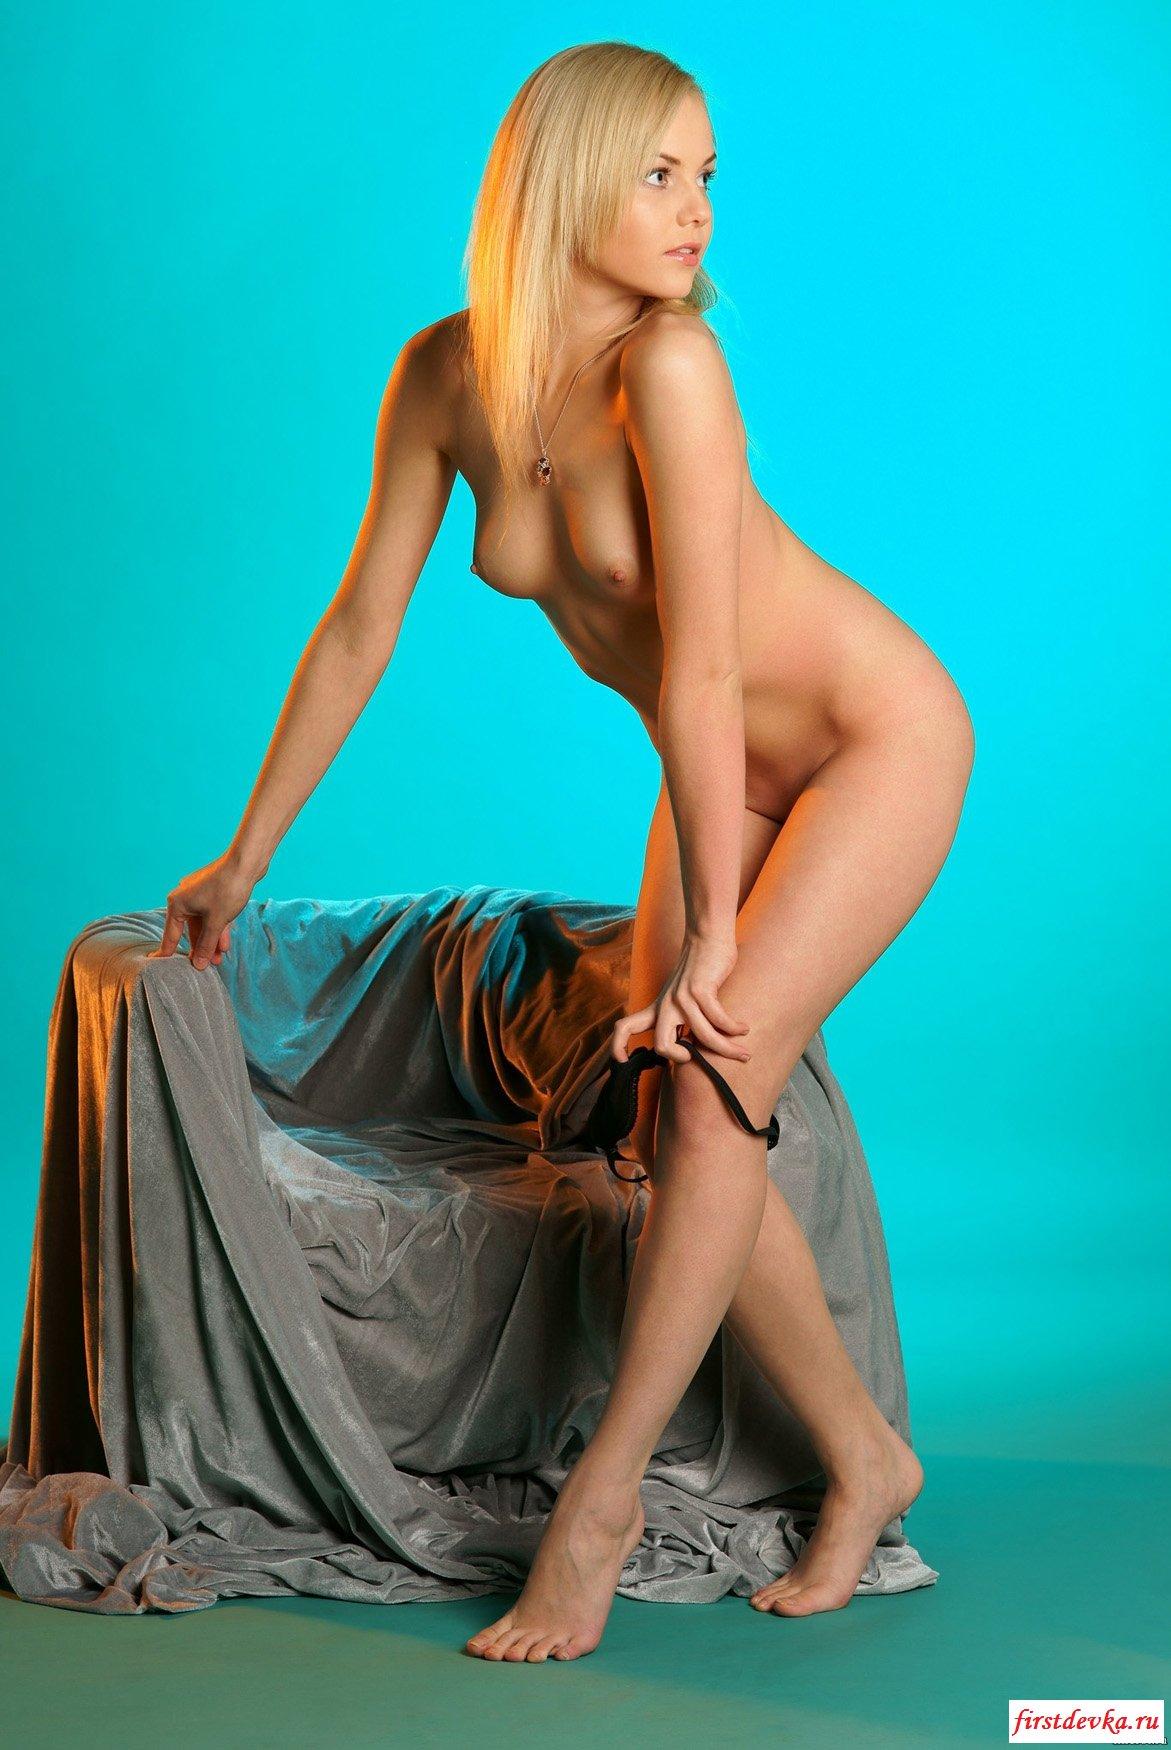 Блондинка пробует себя (20 фото)